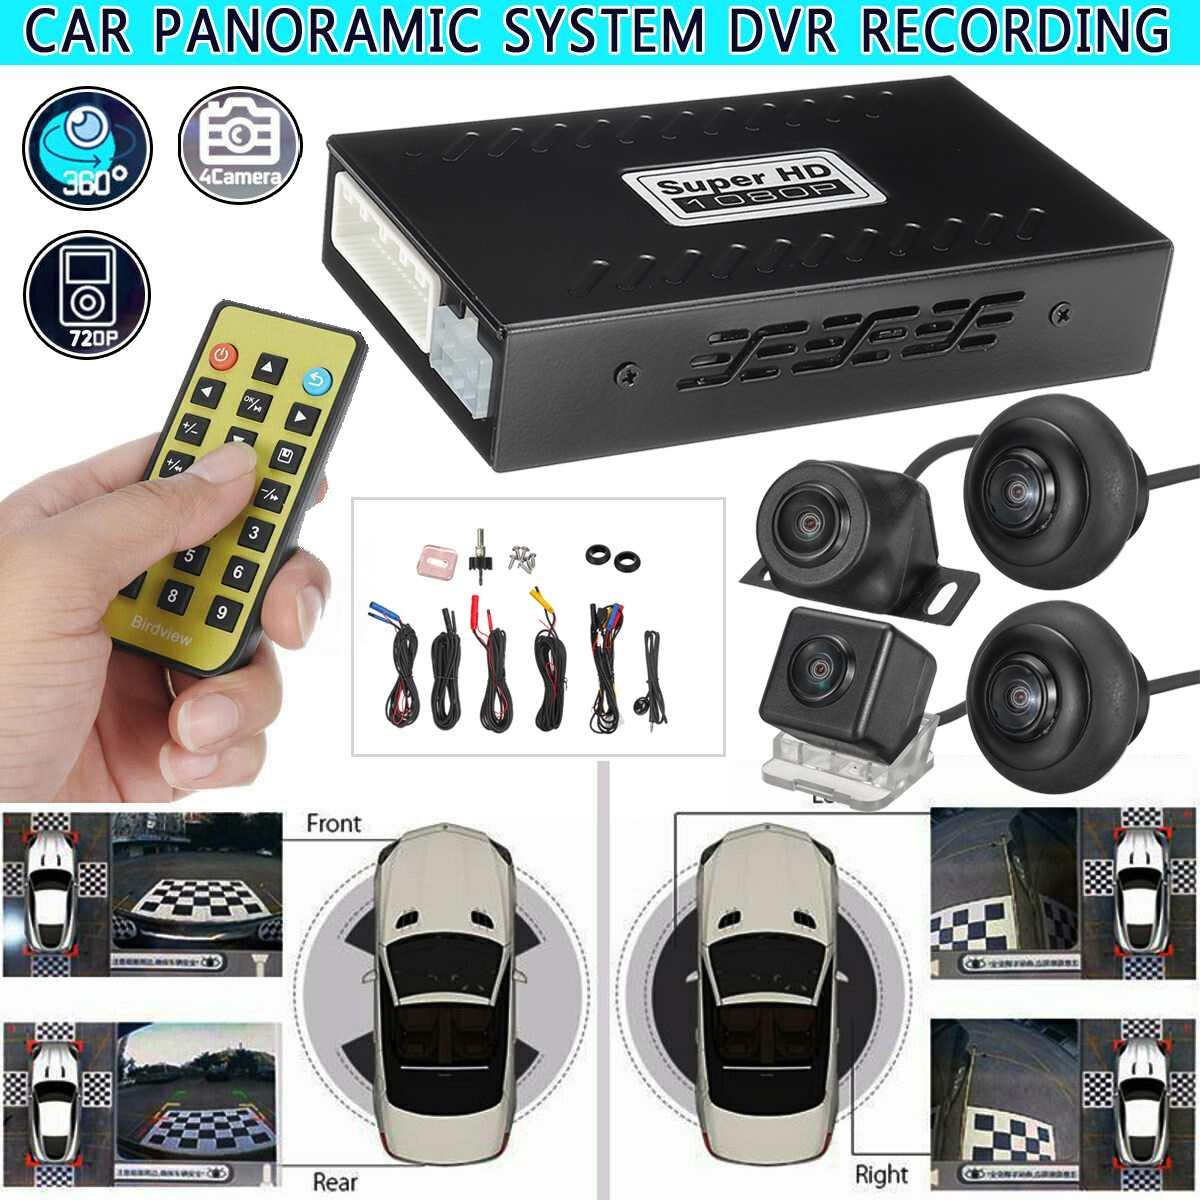 360 graus sistema de visão do carro surround visão do pássaro automático panorama dvr sistema 4 câmera hd 1080 p carro dvr gravador 2d assistência estacionamento